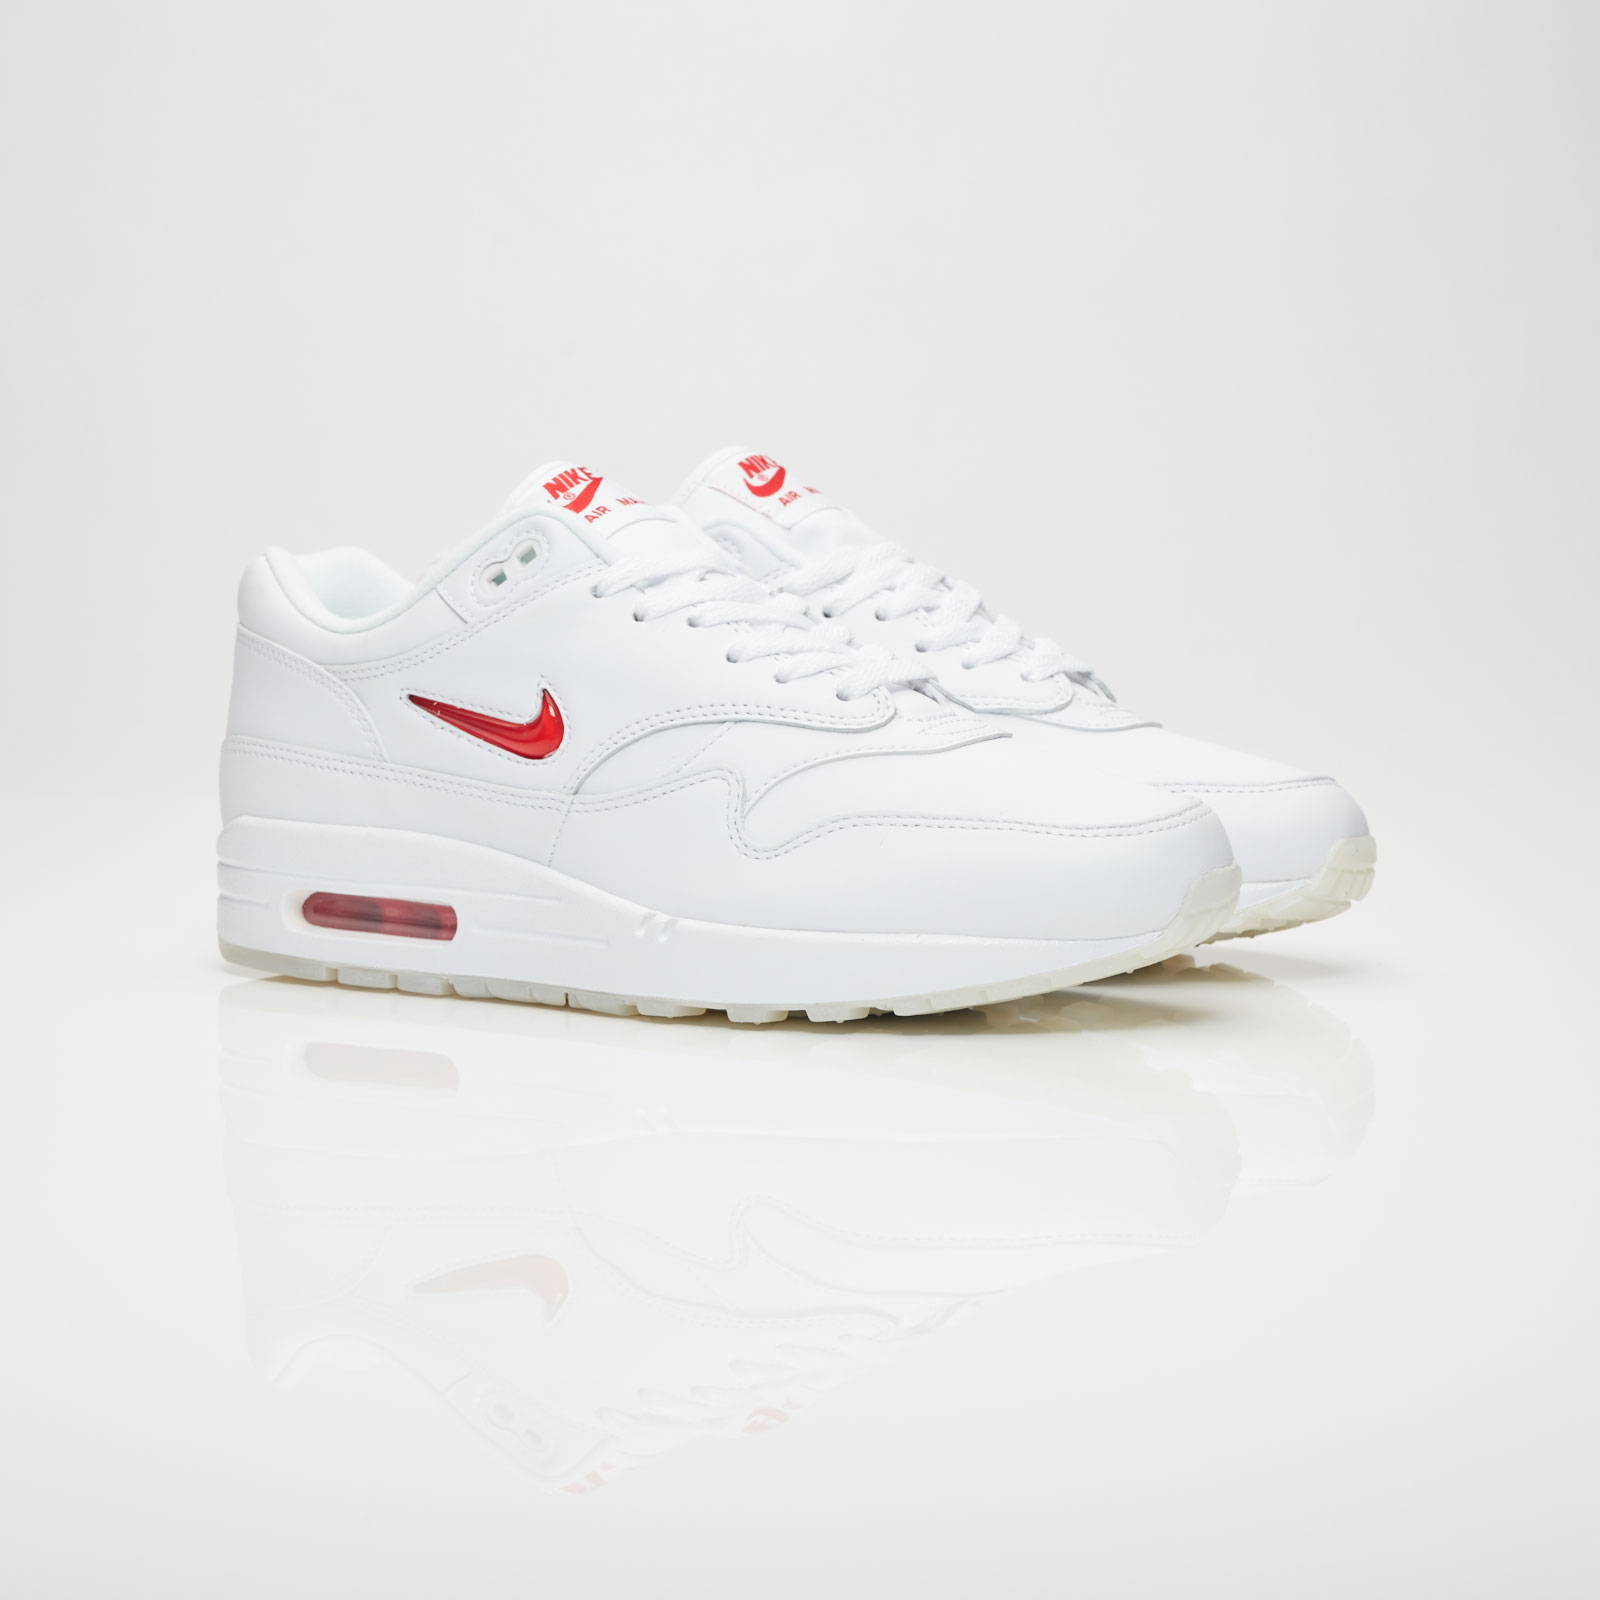 7eb82ff522 Nike Air Max 1 Premium SC - 918354-104 - Sneakersnstuff | sneakers ...